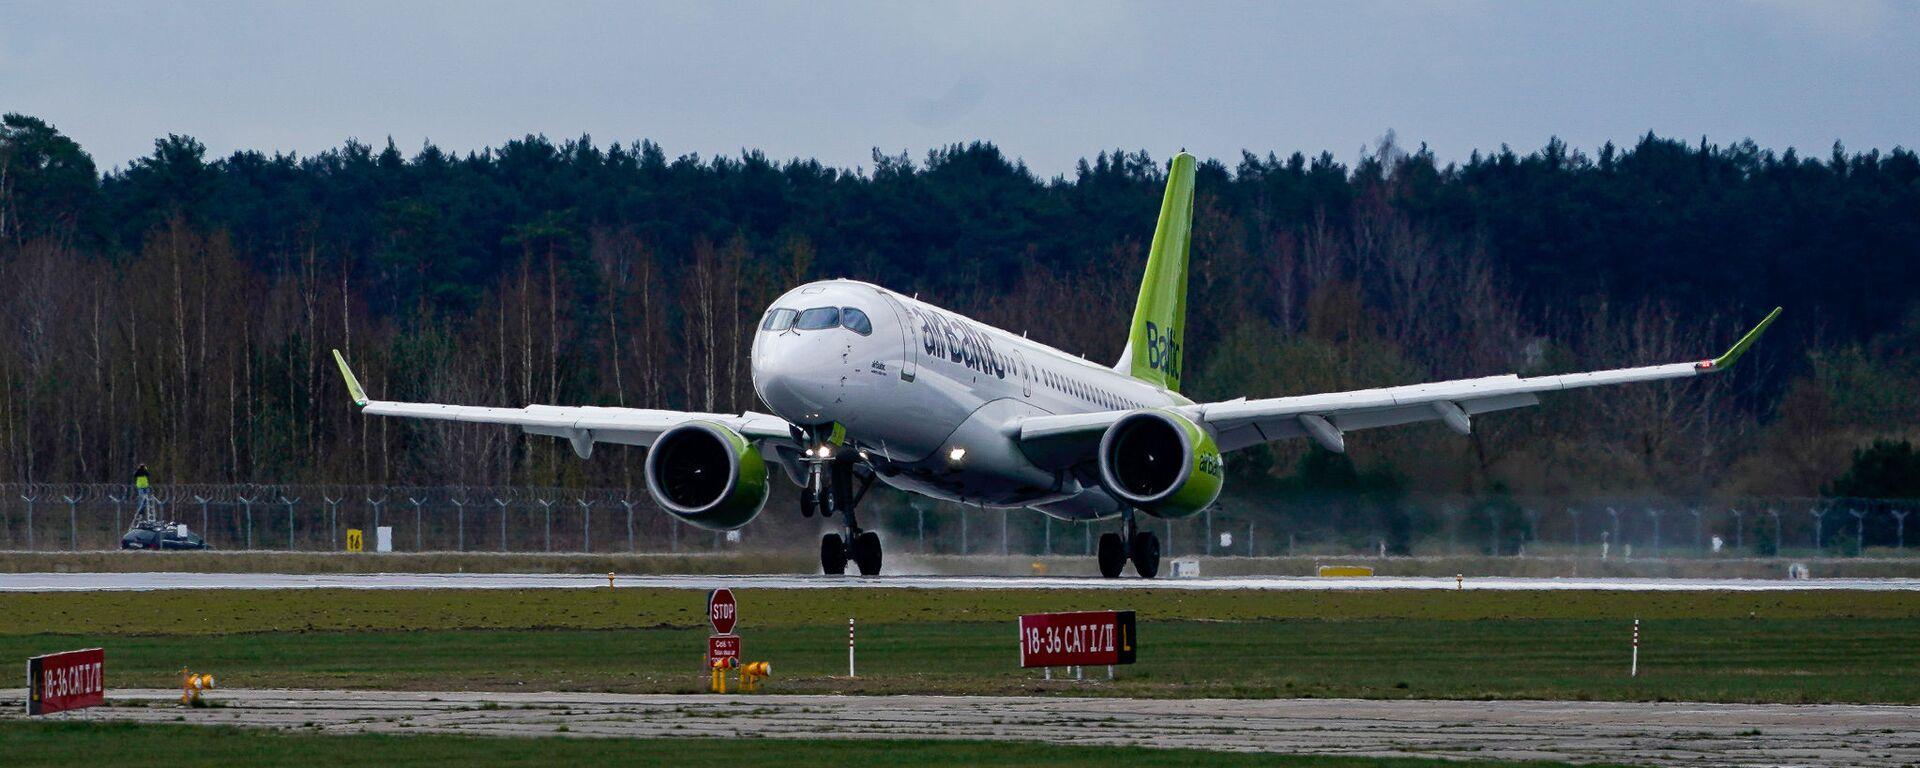 Самолет латвийской авиакомпании airBaltic заходит на посадку в аэропорт Рига - Sputnik Латвия, 1920, 20.08.2021